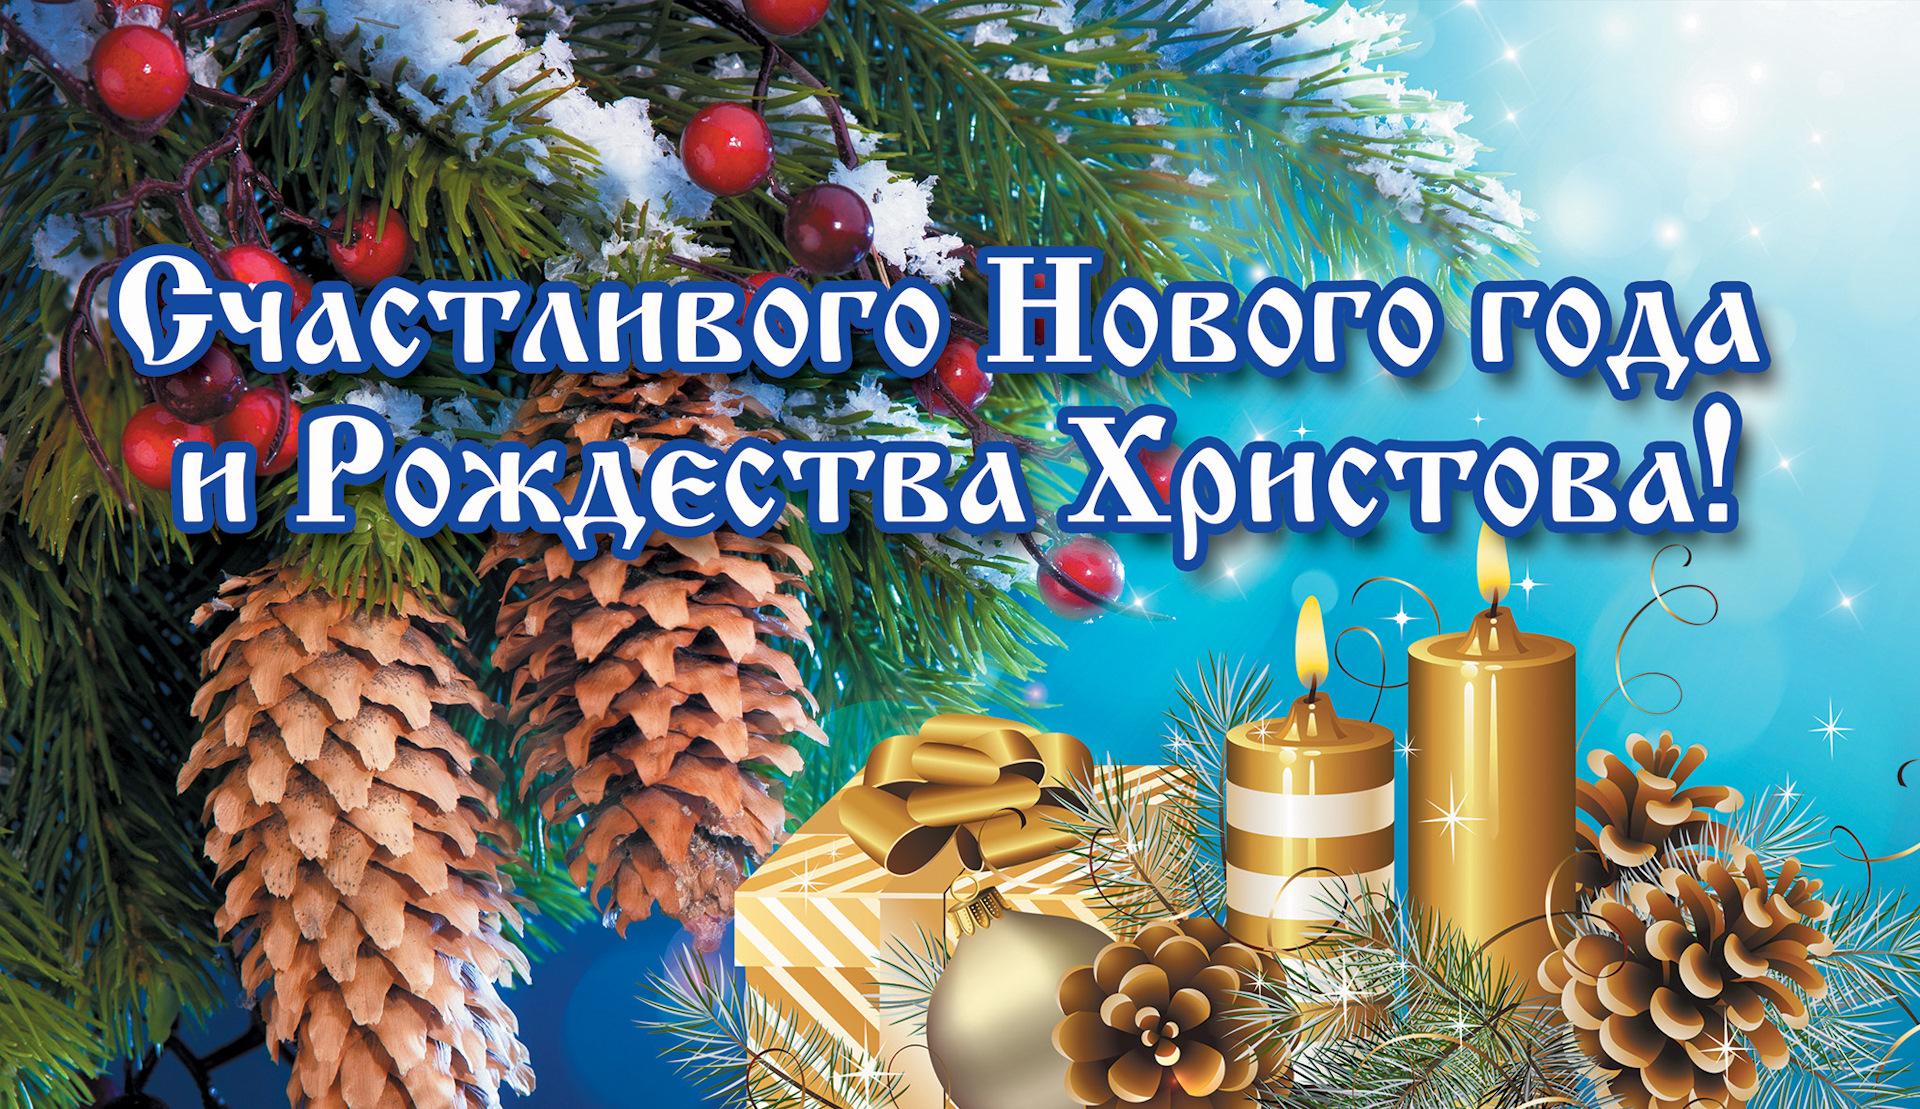 Картинка с новым годом и рождеством 2019